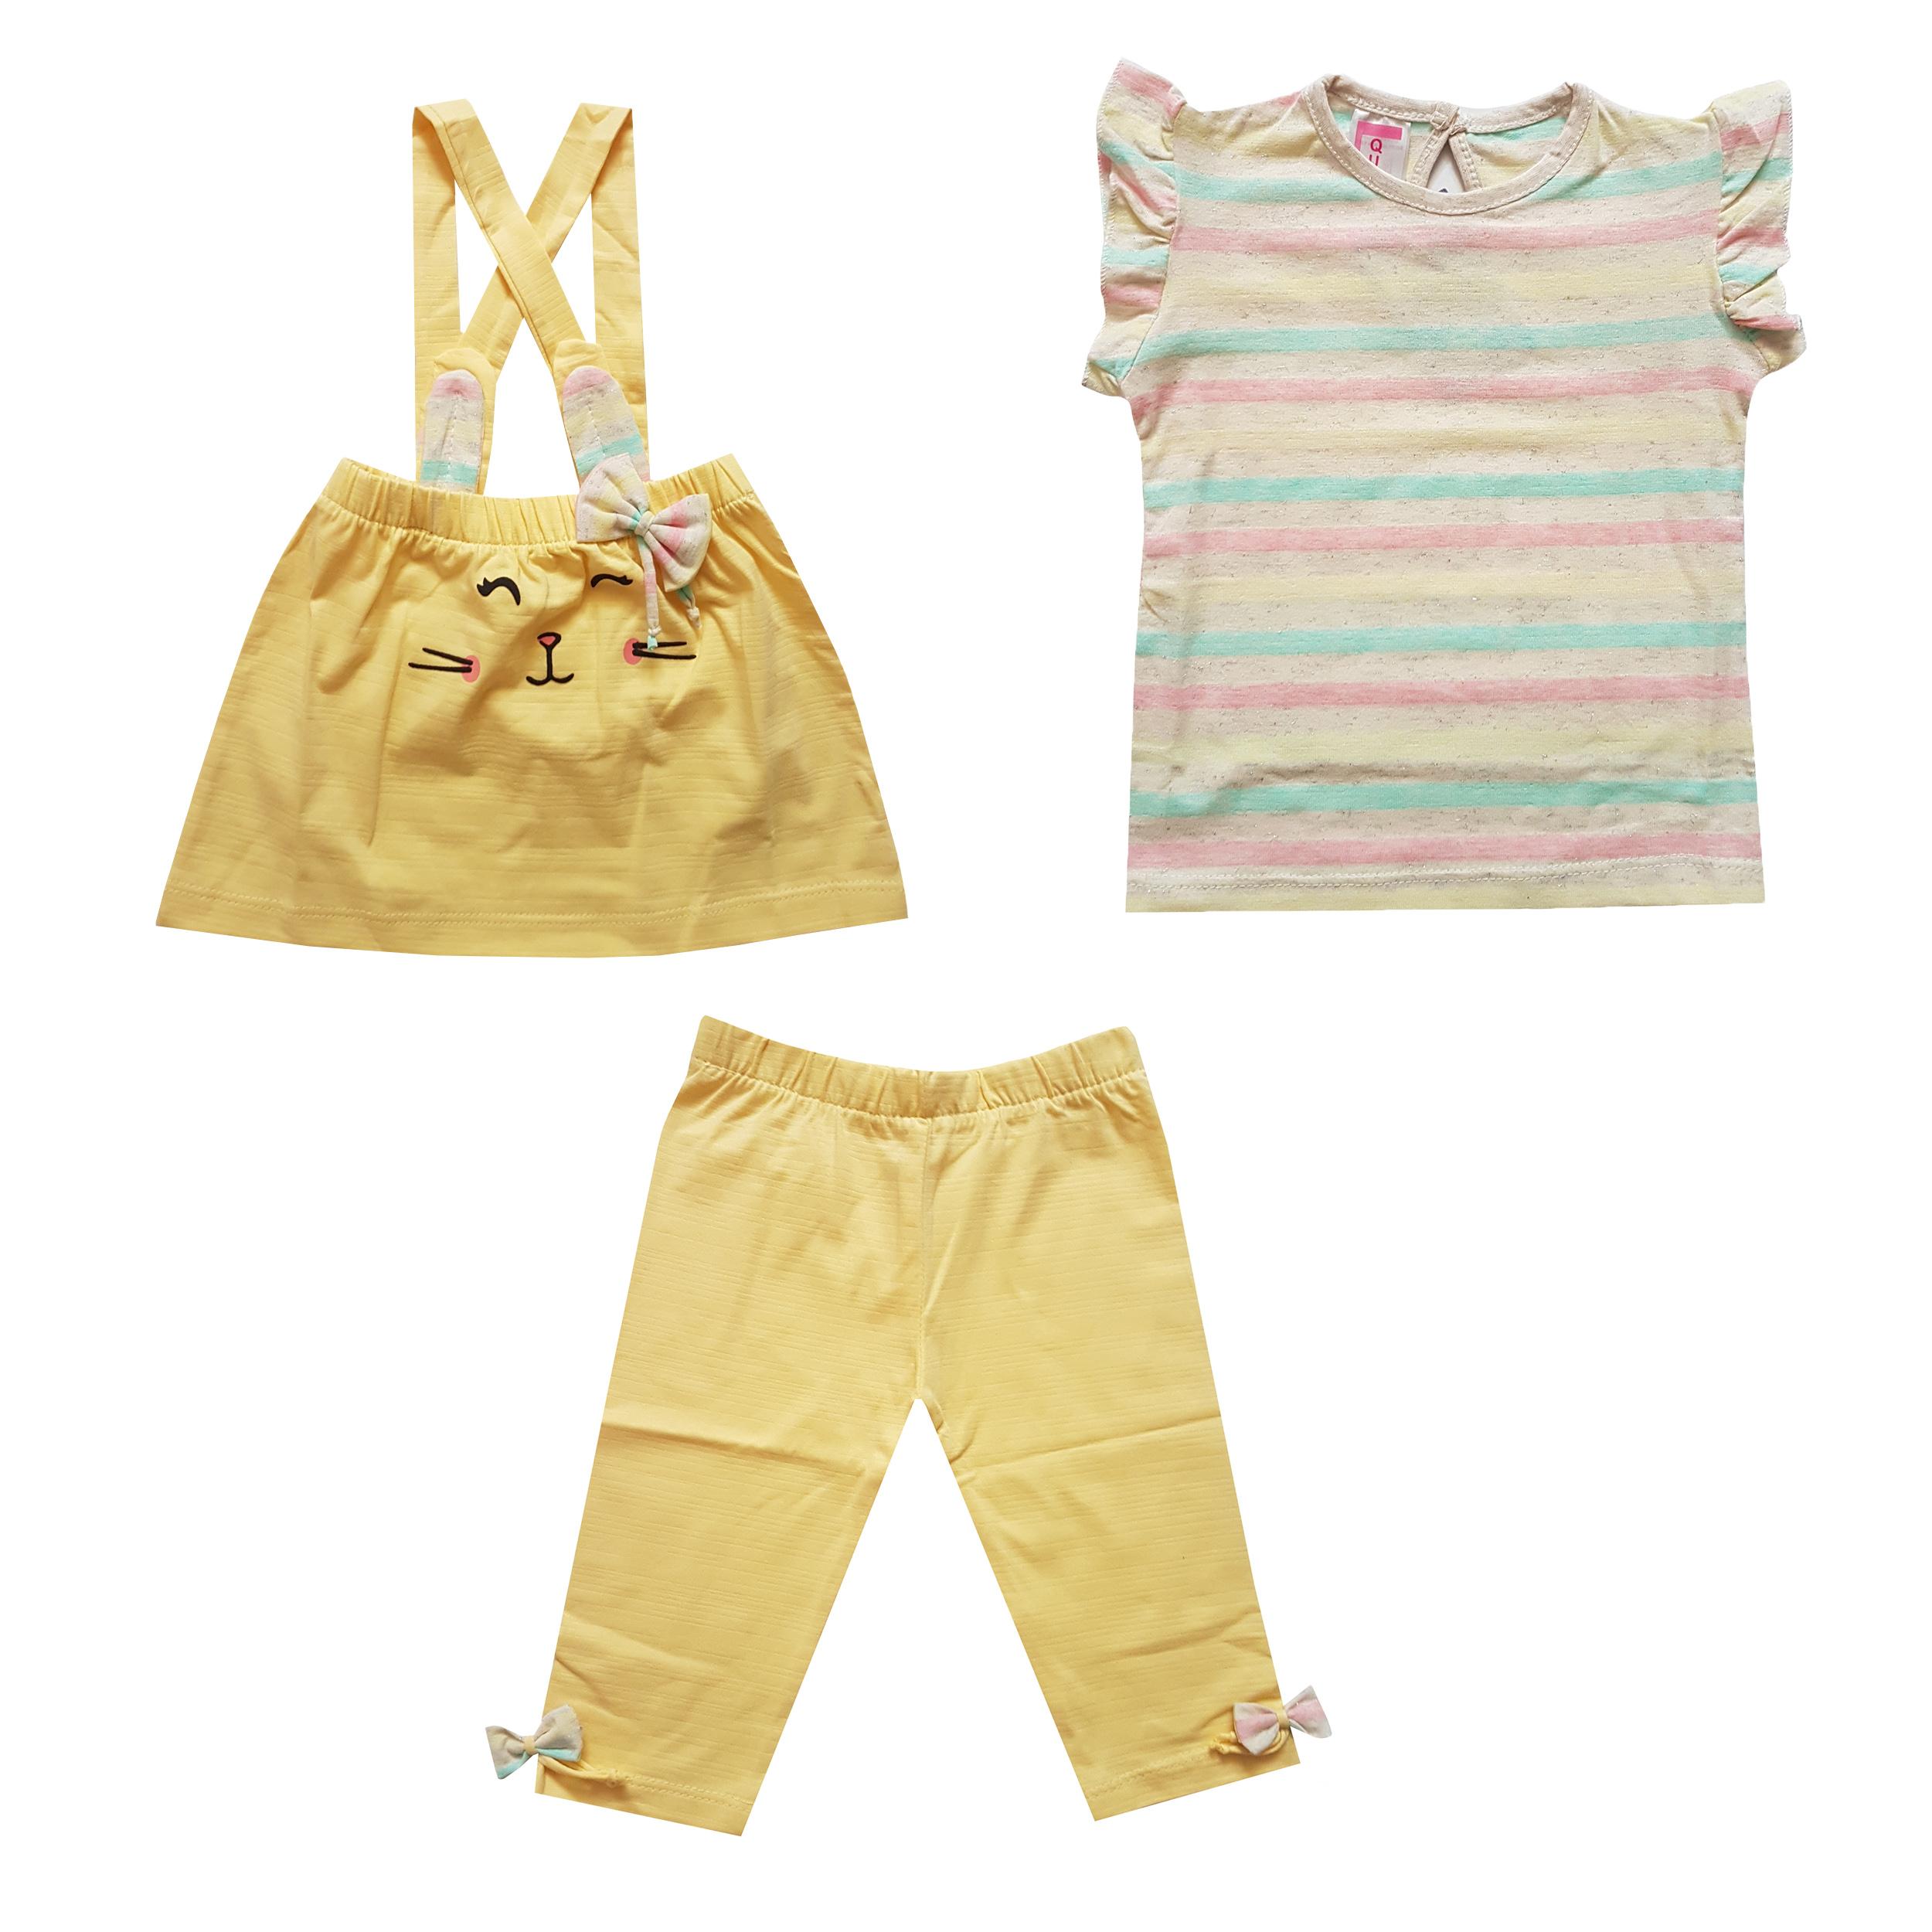 ست 3 تکه لباس دخترانه کد 608 رنگ زرد